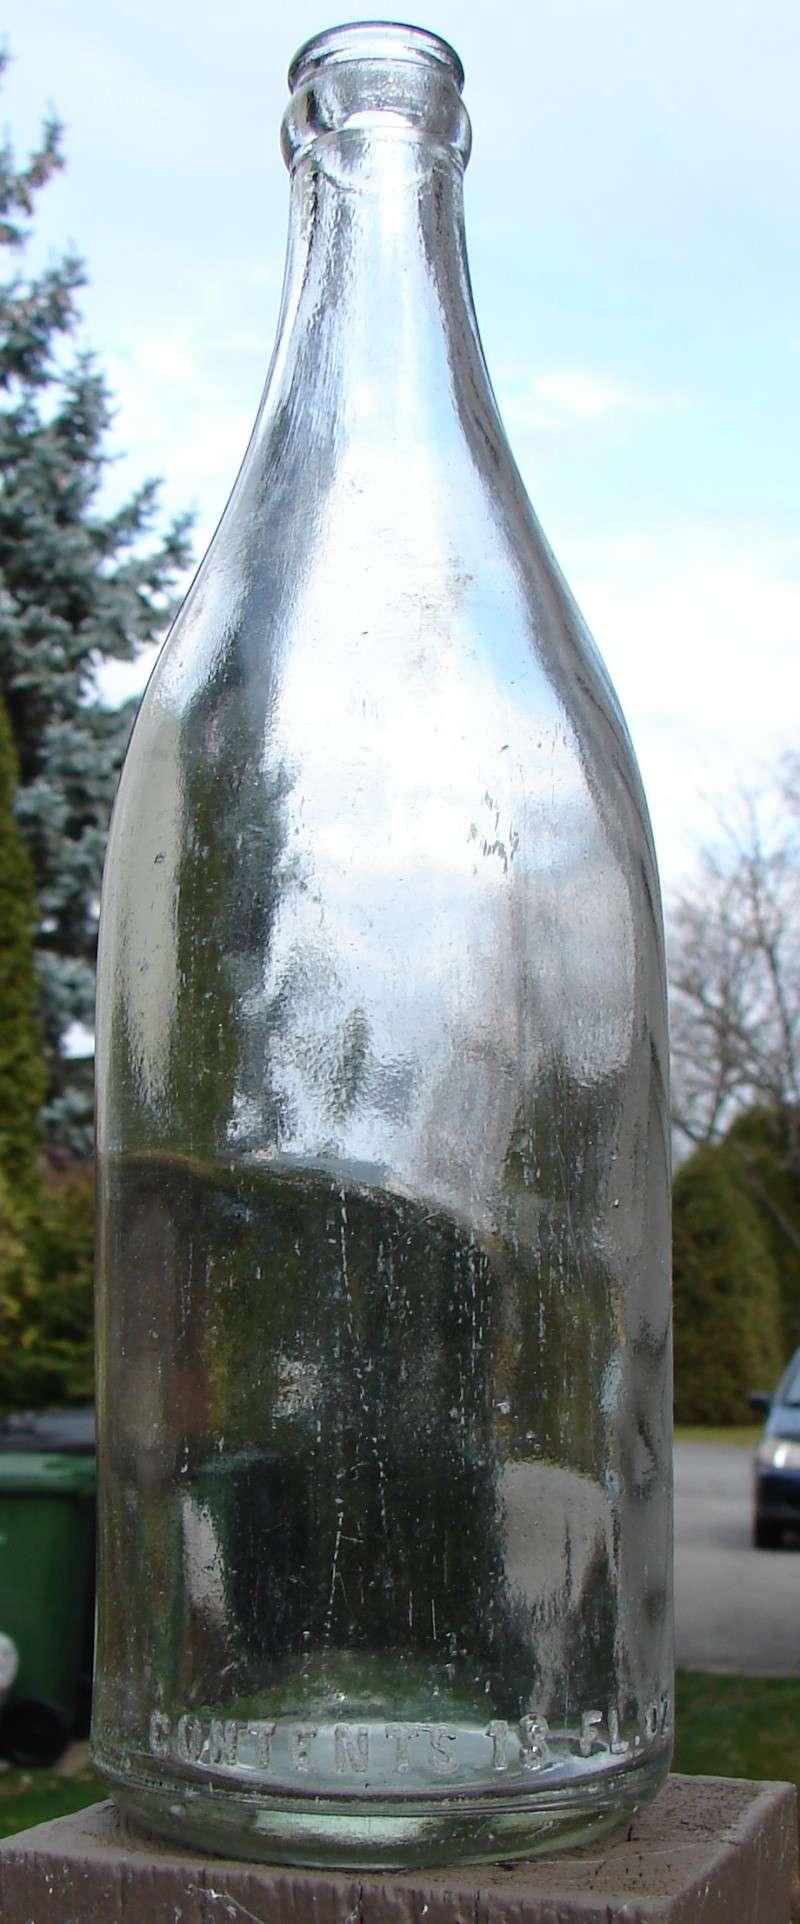 Bouteille de bière en verre clair Boutei10